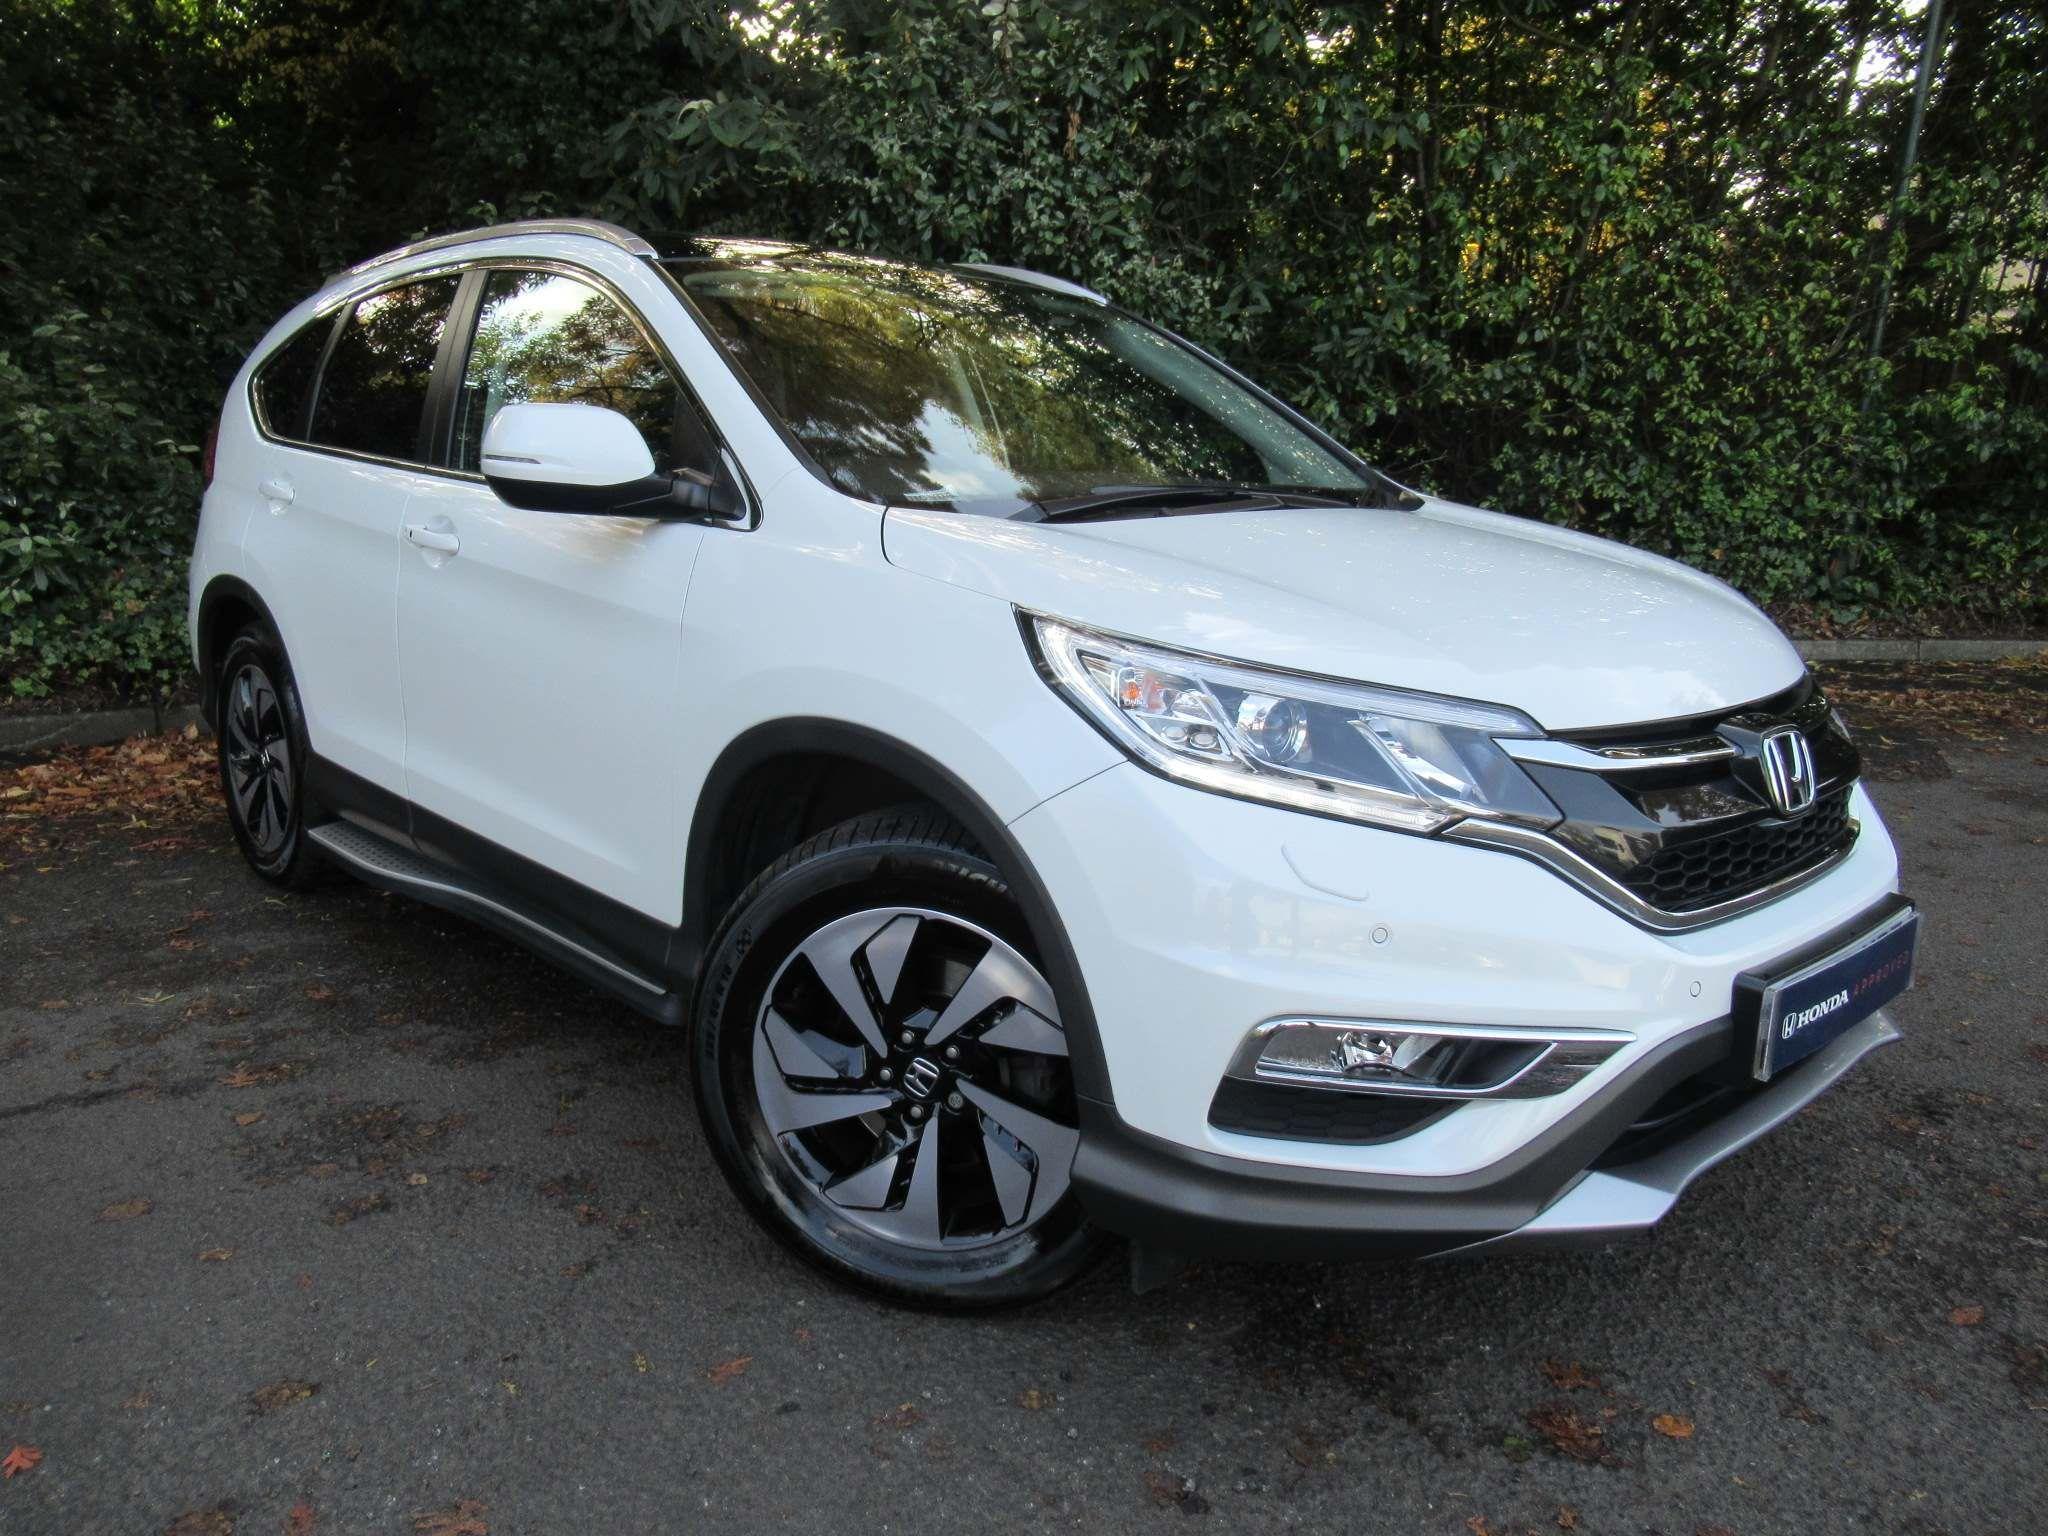 Honda CR-V 1.6 i-DTEC EX Auto 4WD 5dr